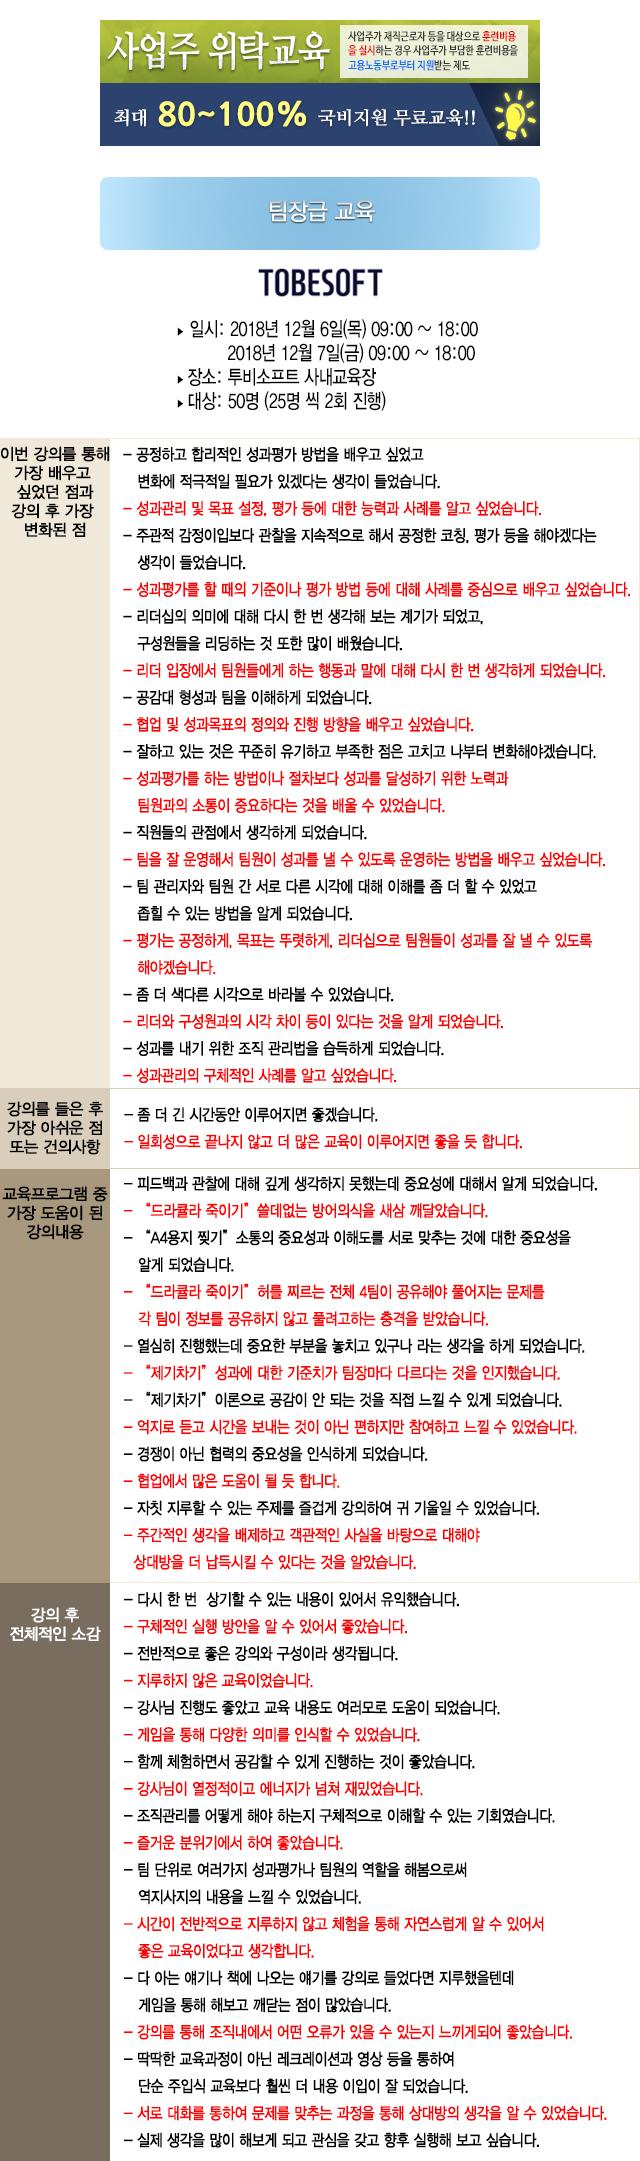 한국중앙인재개발원 후기 투비소프트.jpg